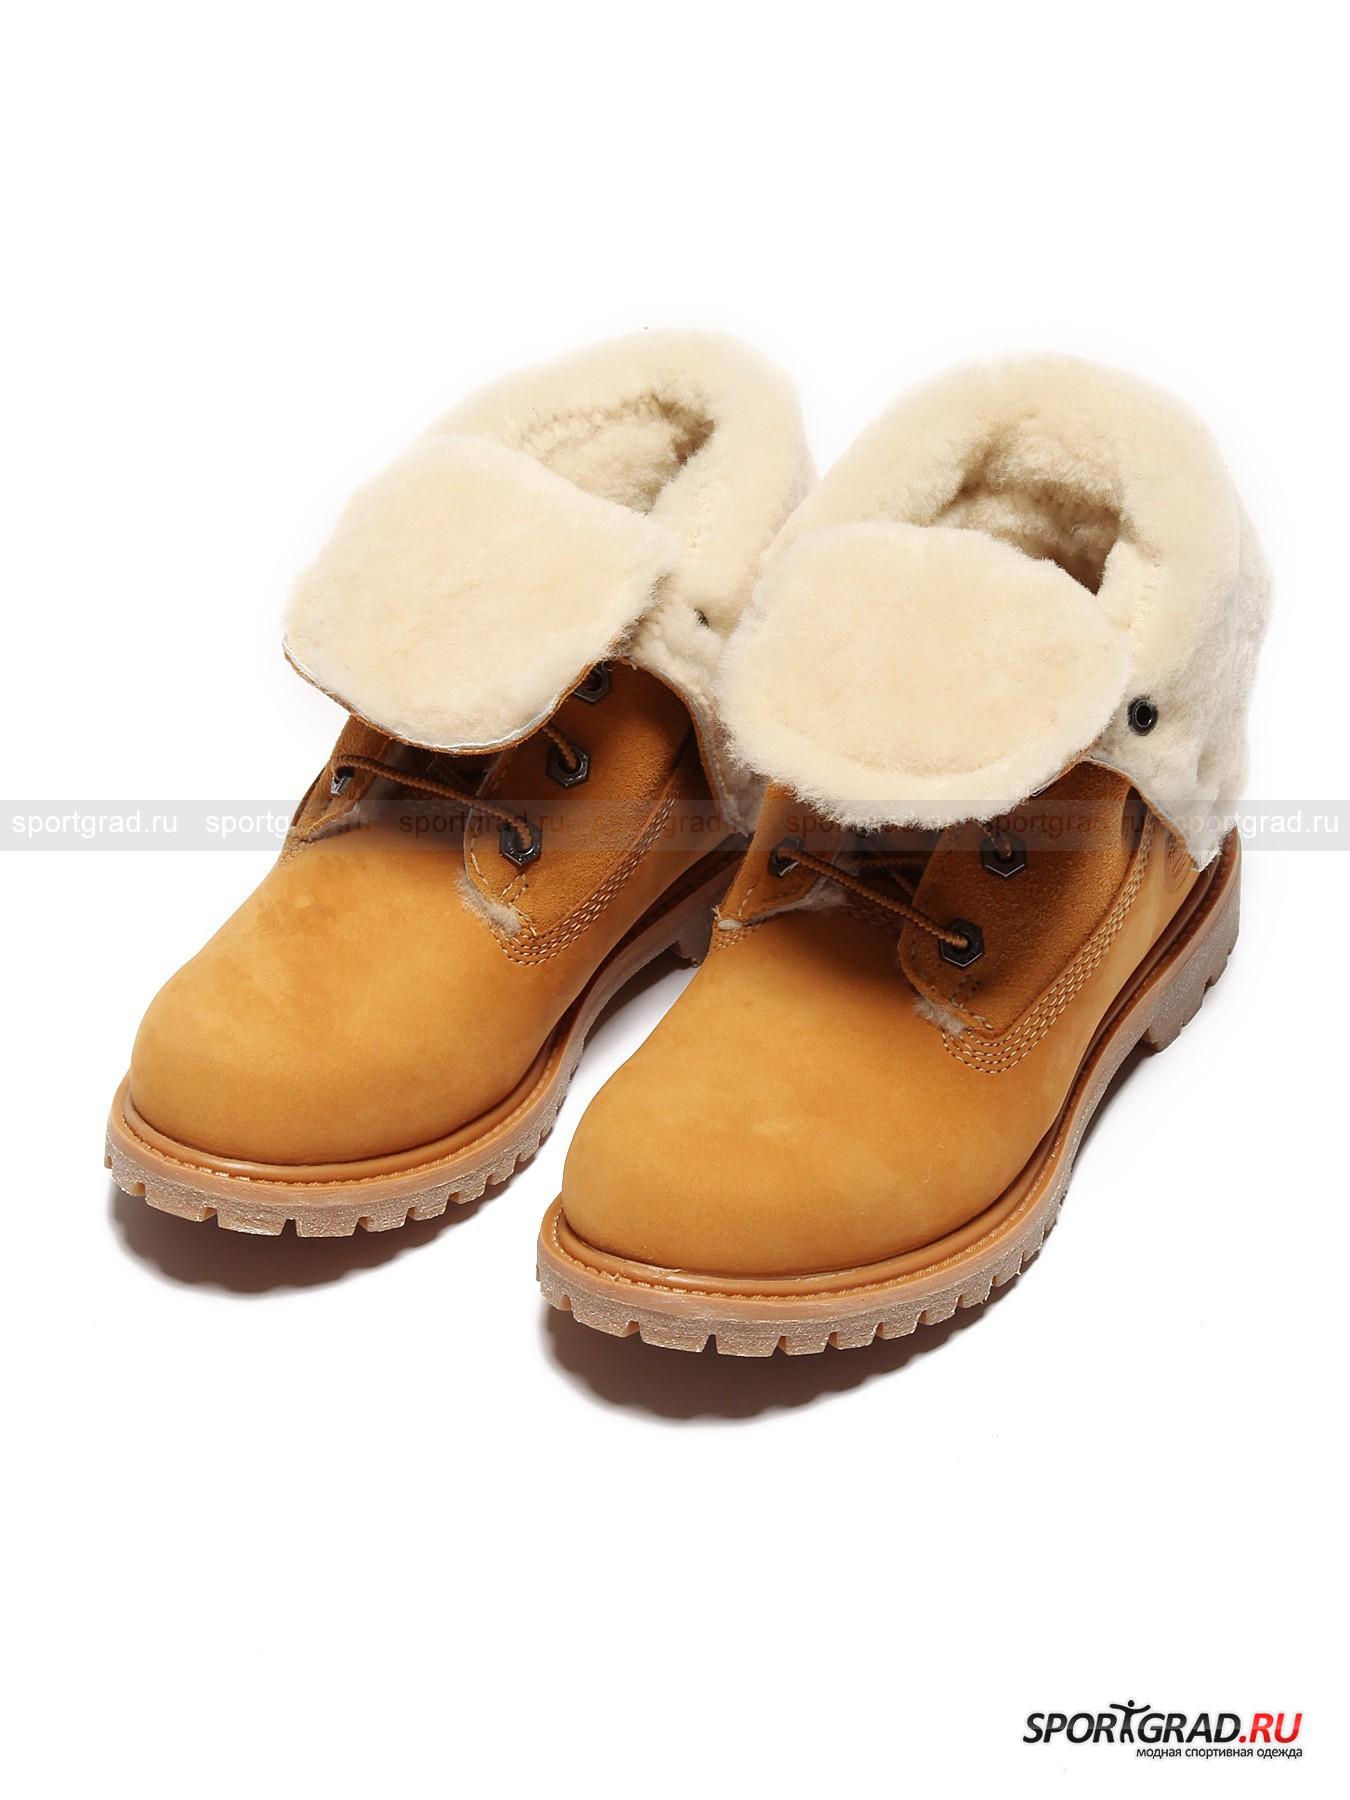 Купить детские угги UGG Kids boots Цены на детские УГГИ